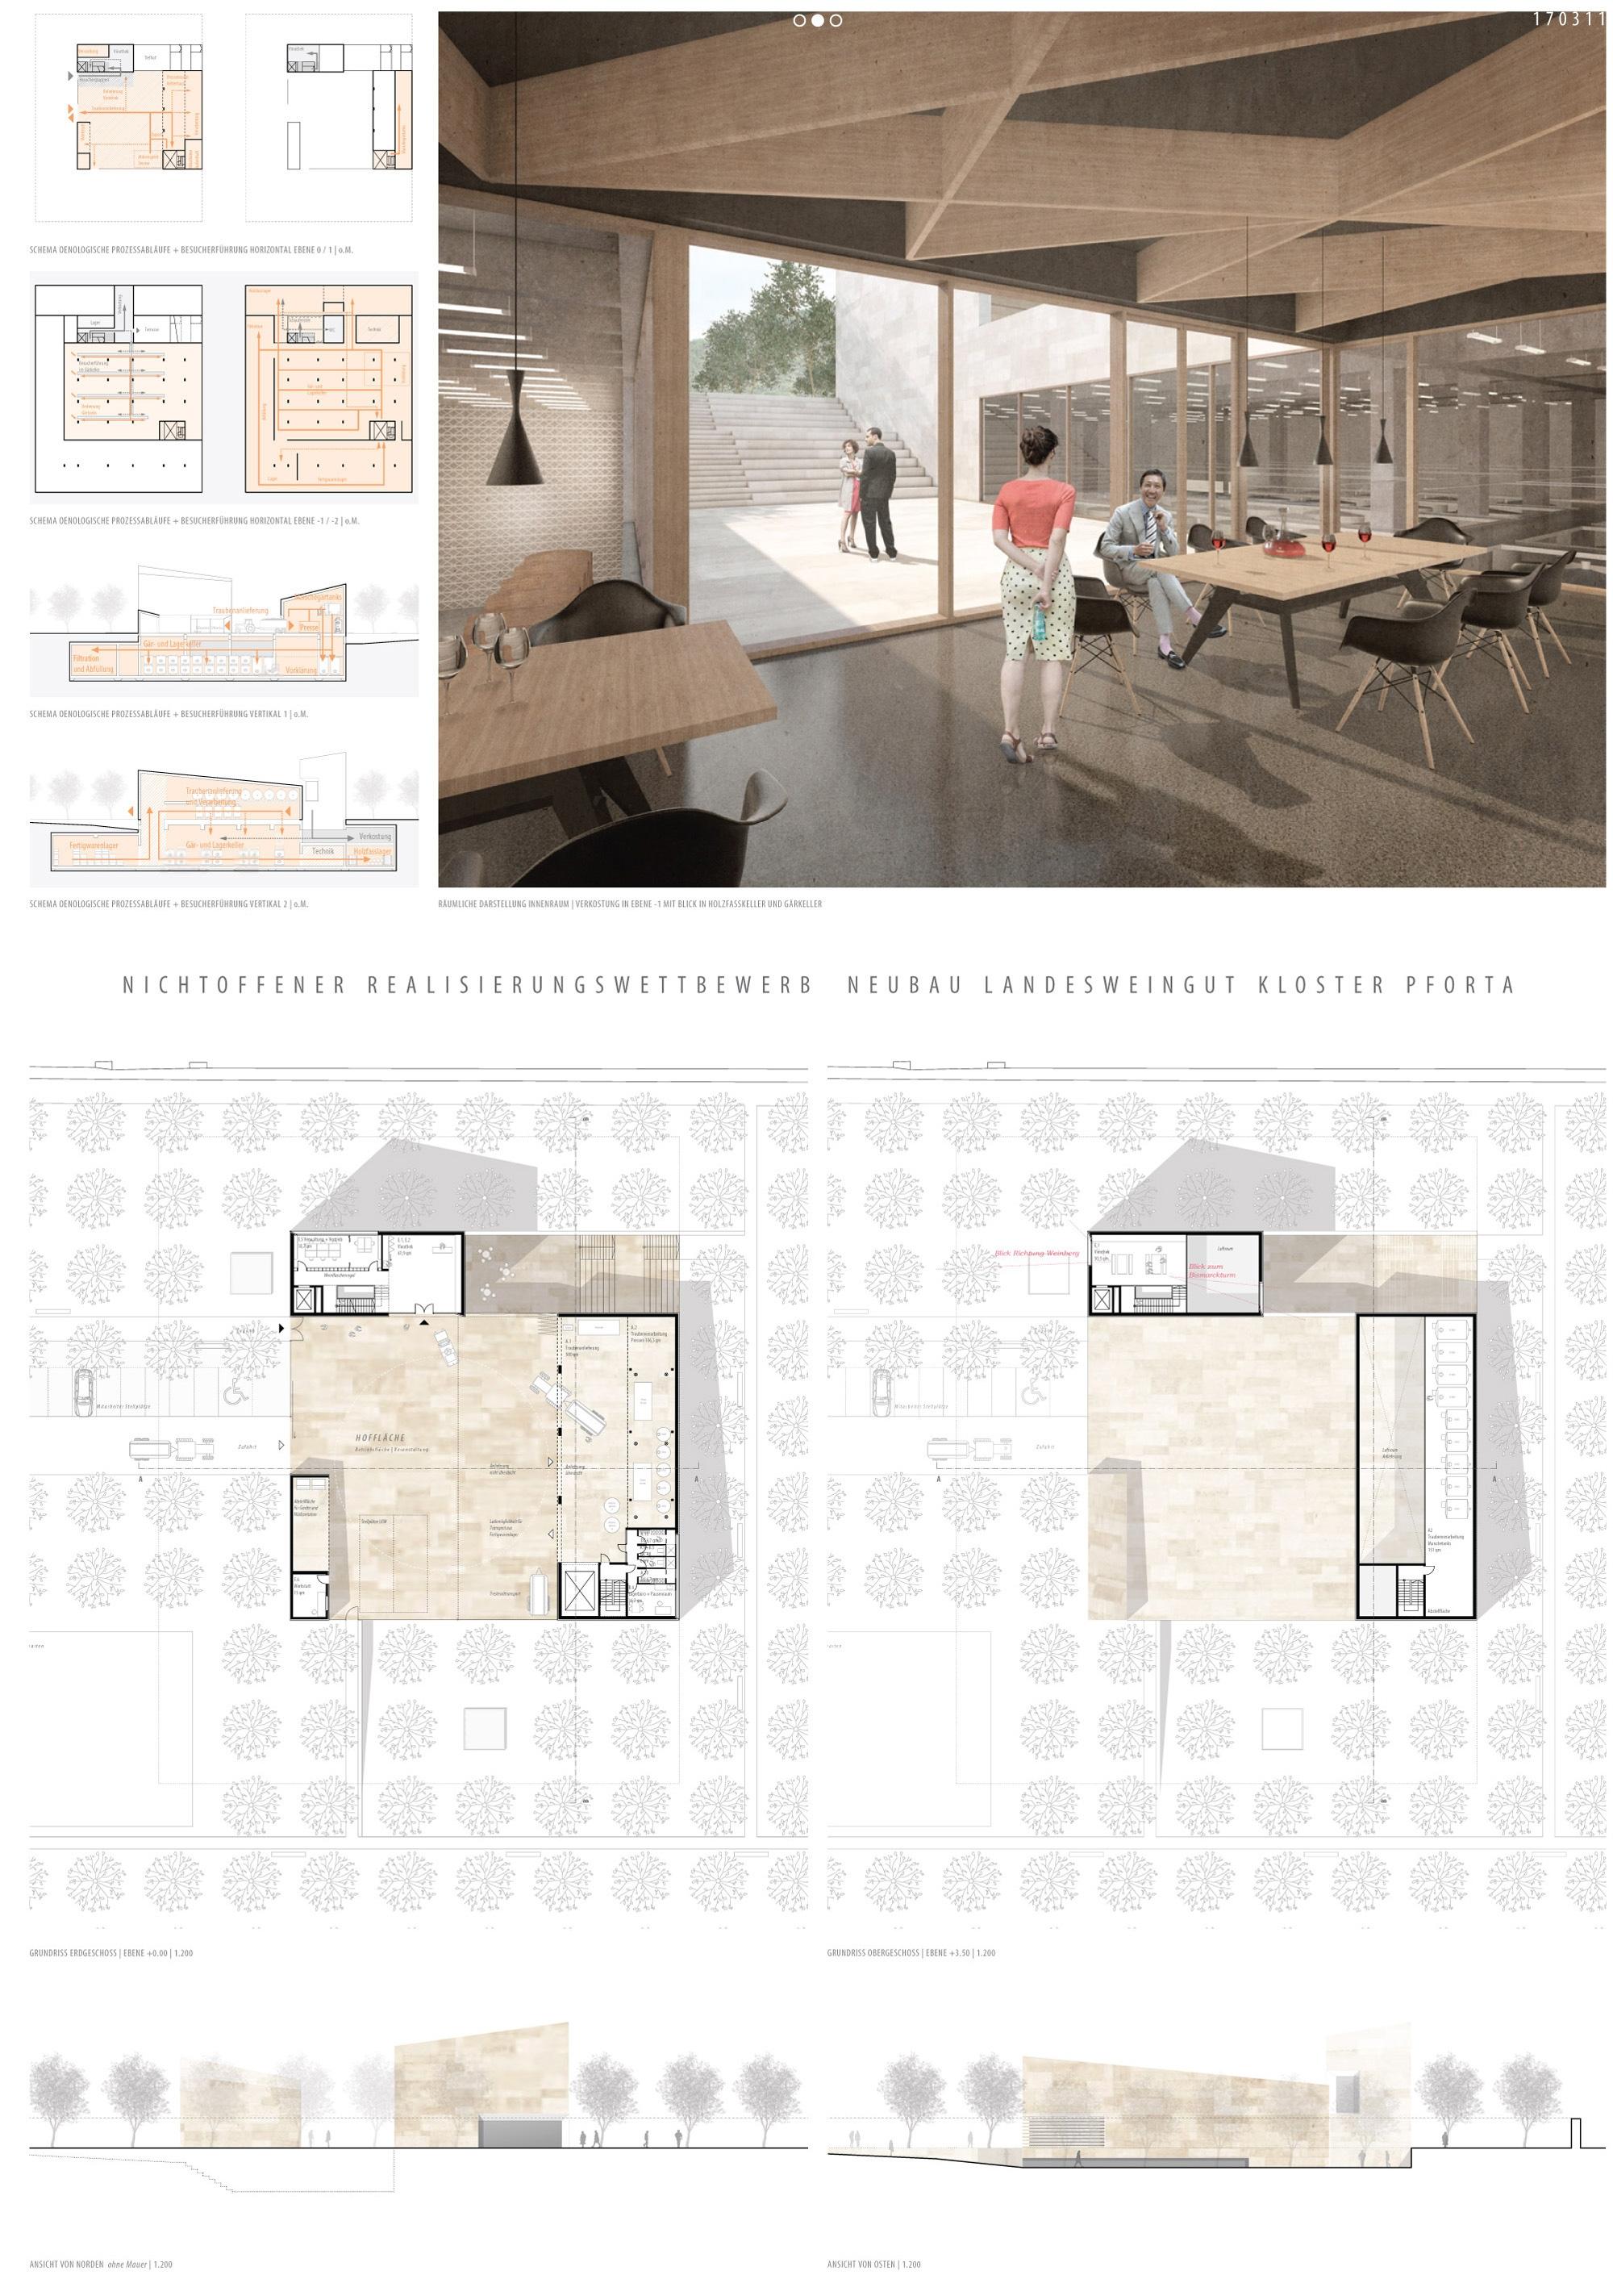 Ergebnis: Neubau Landesweingut Kloster Pforta...competitionline